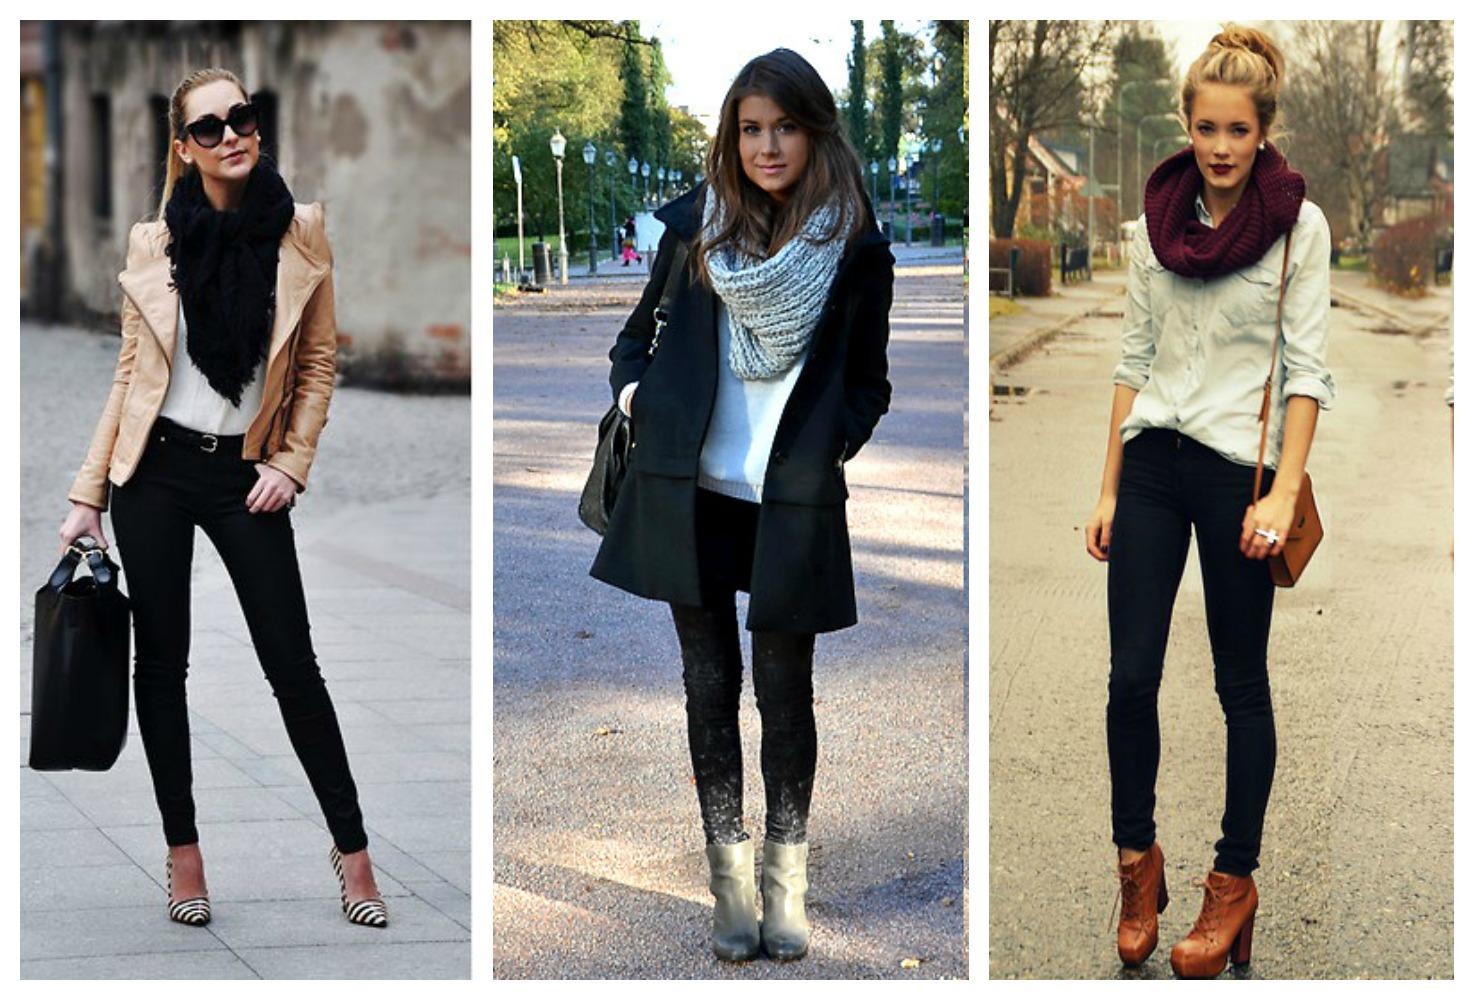 cachecol-no-inverno Moda de Rua: roupas para trabalhar no inverno 2015